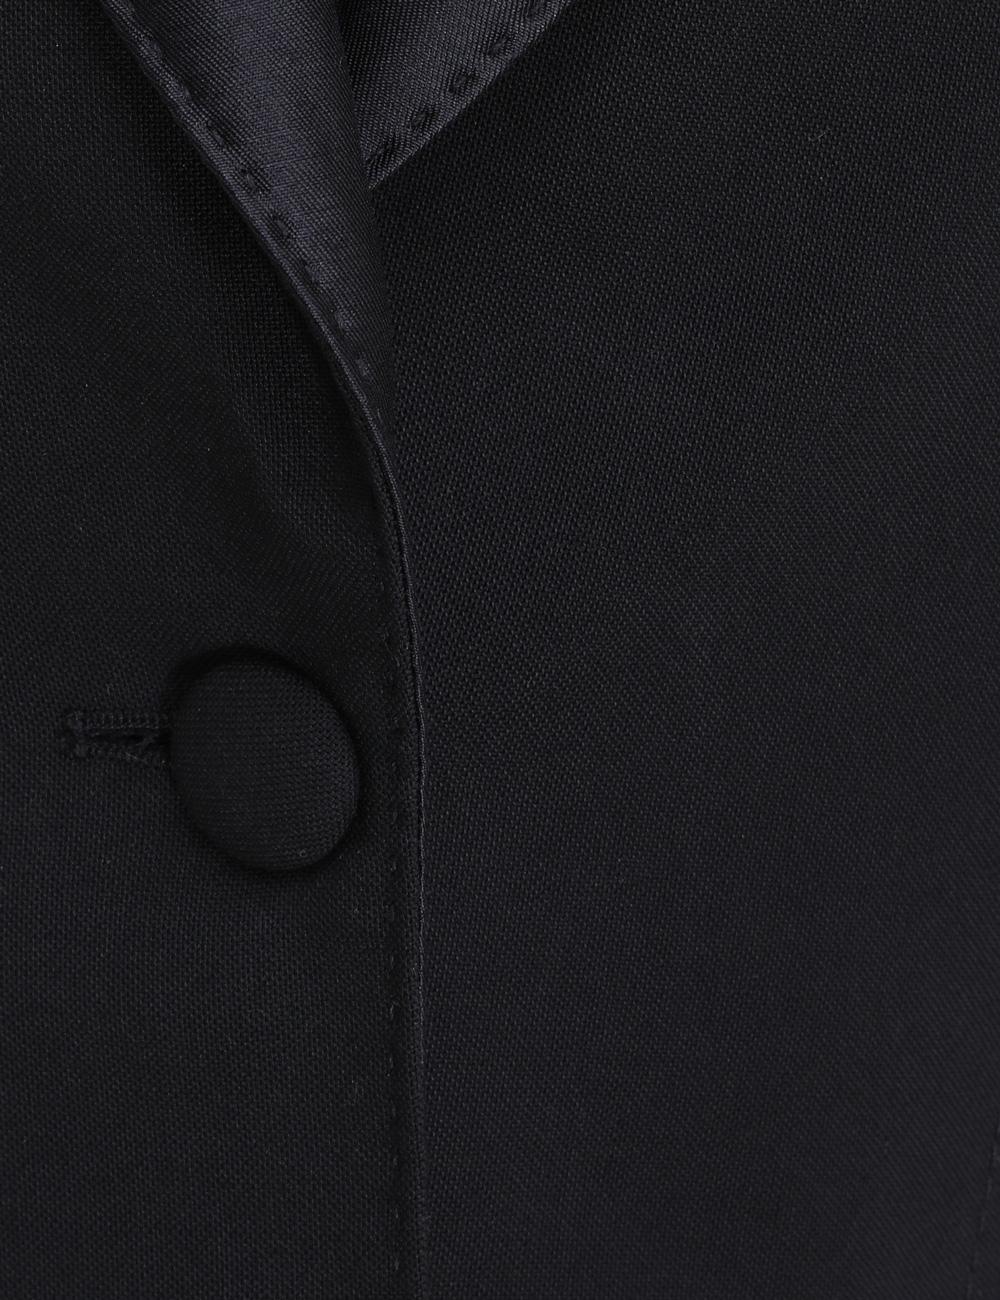 Botanica Cropped Jacket